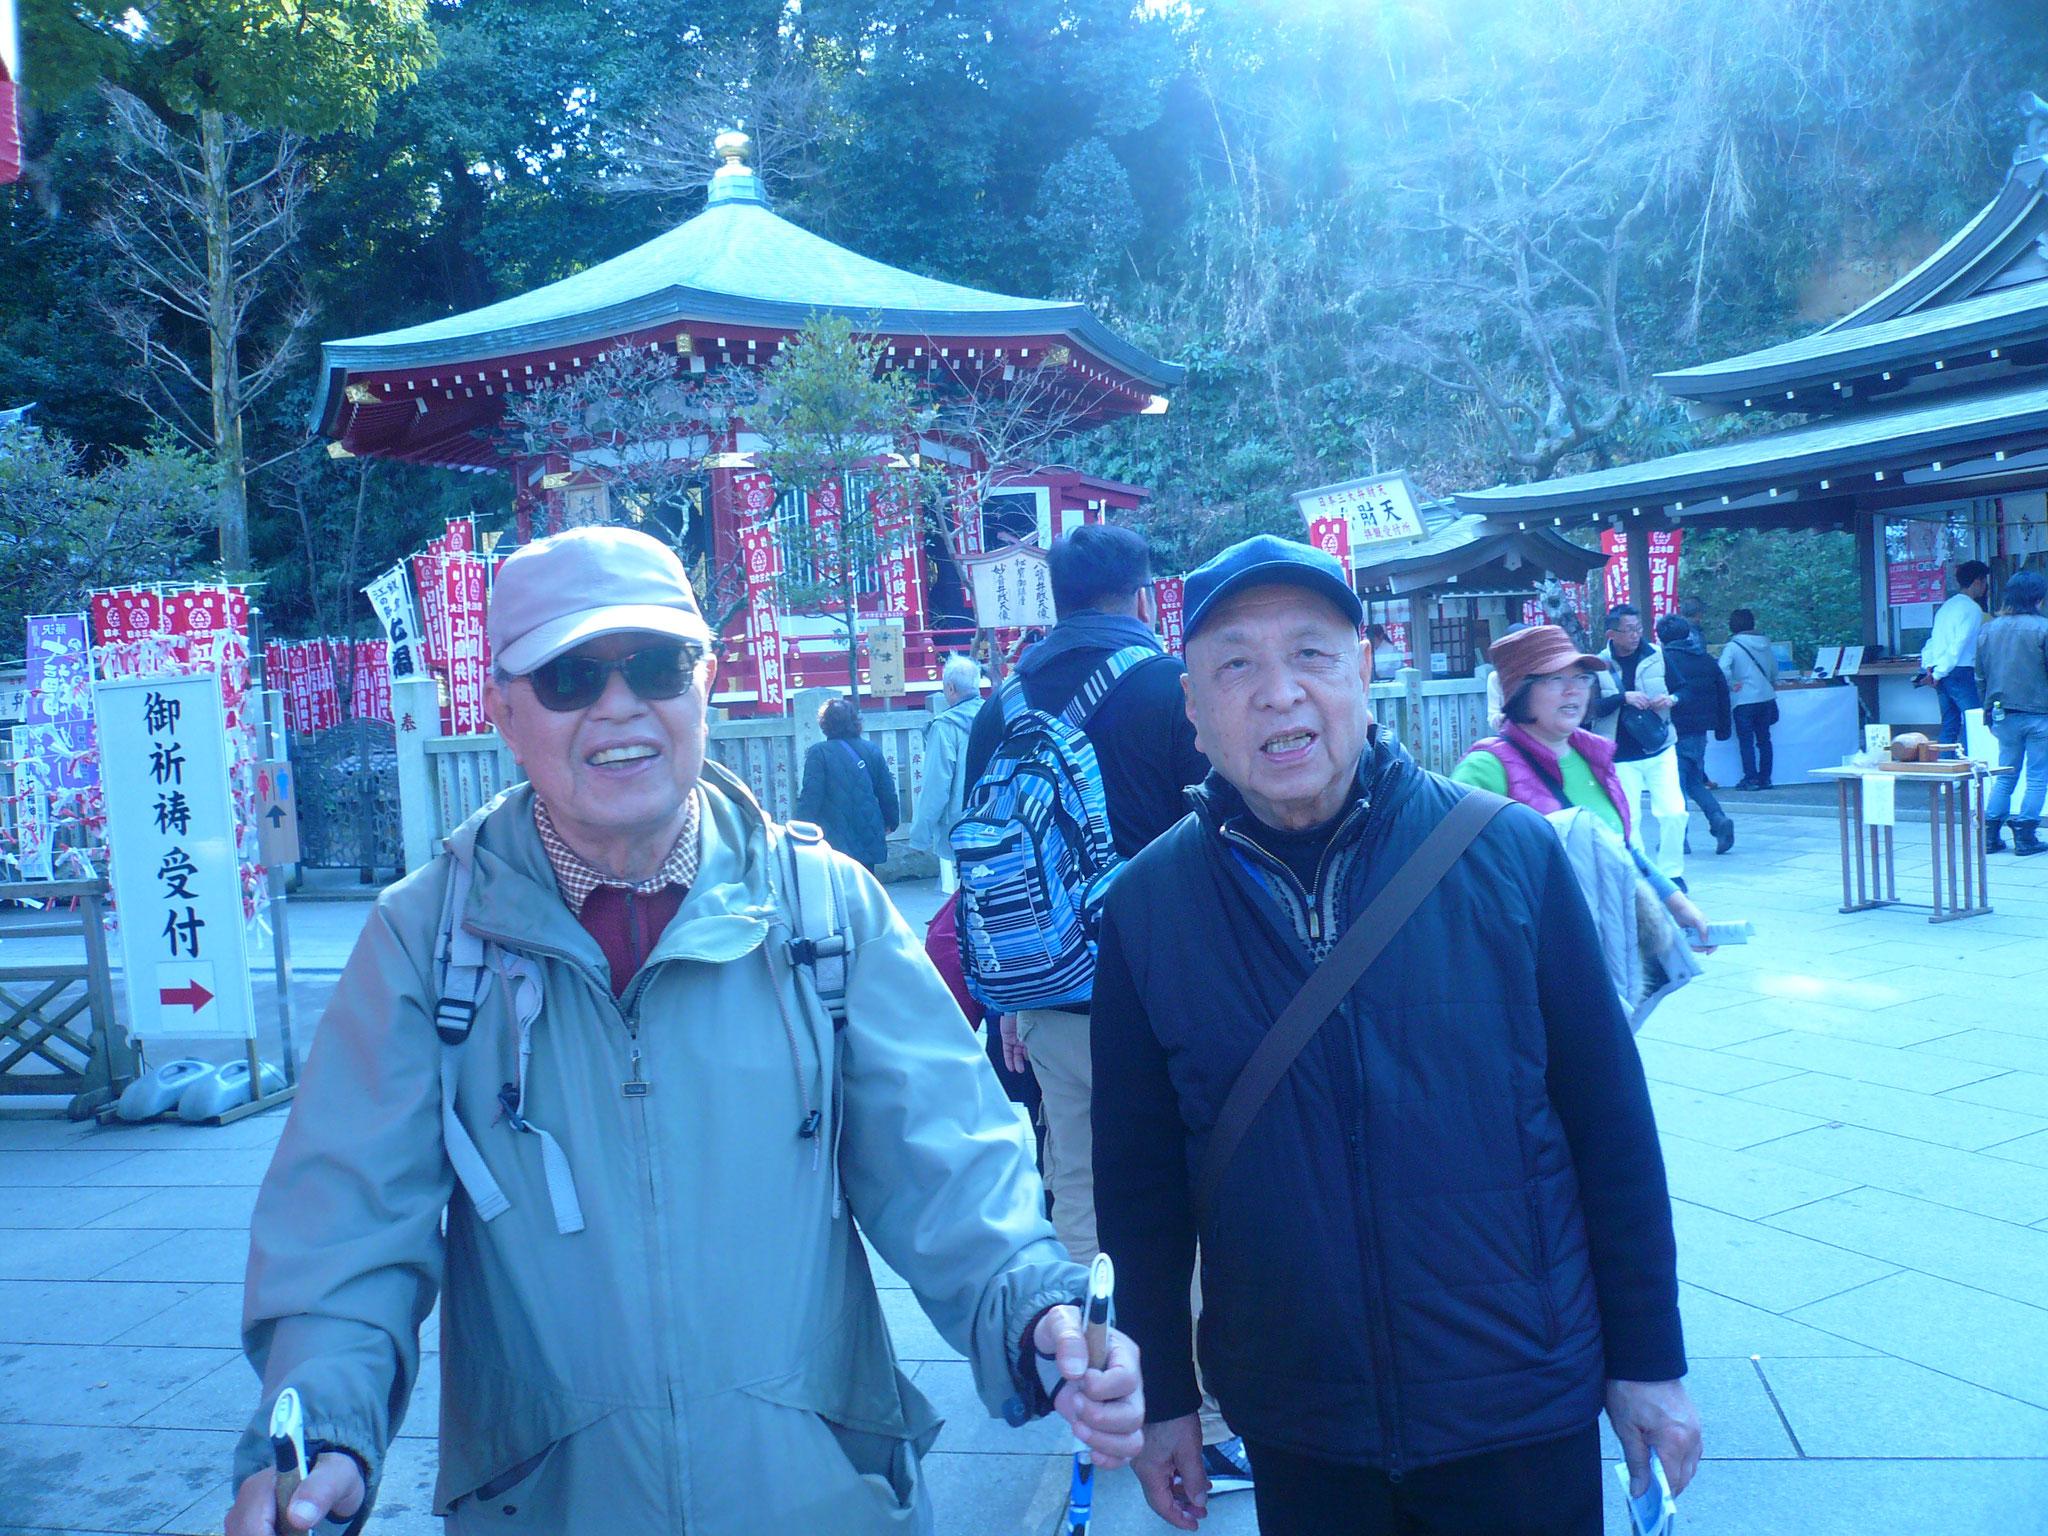 エスカーで登られた浜田さんと田村さん